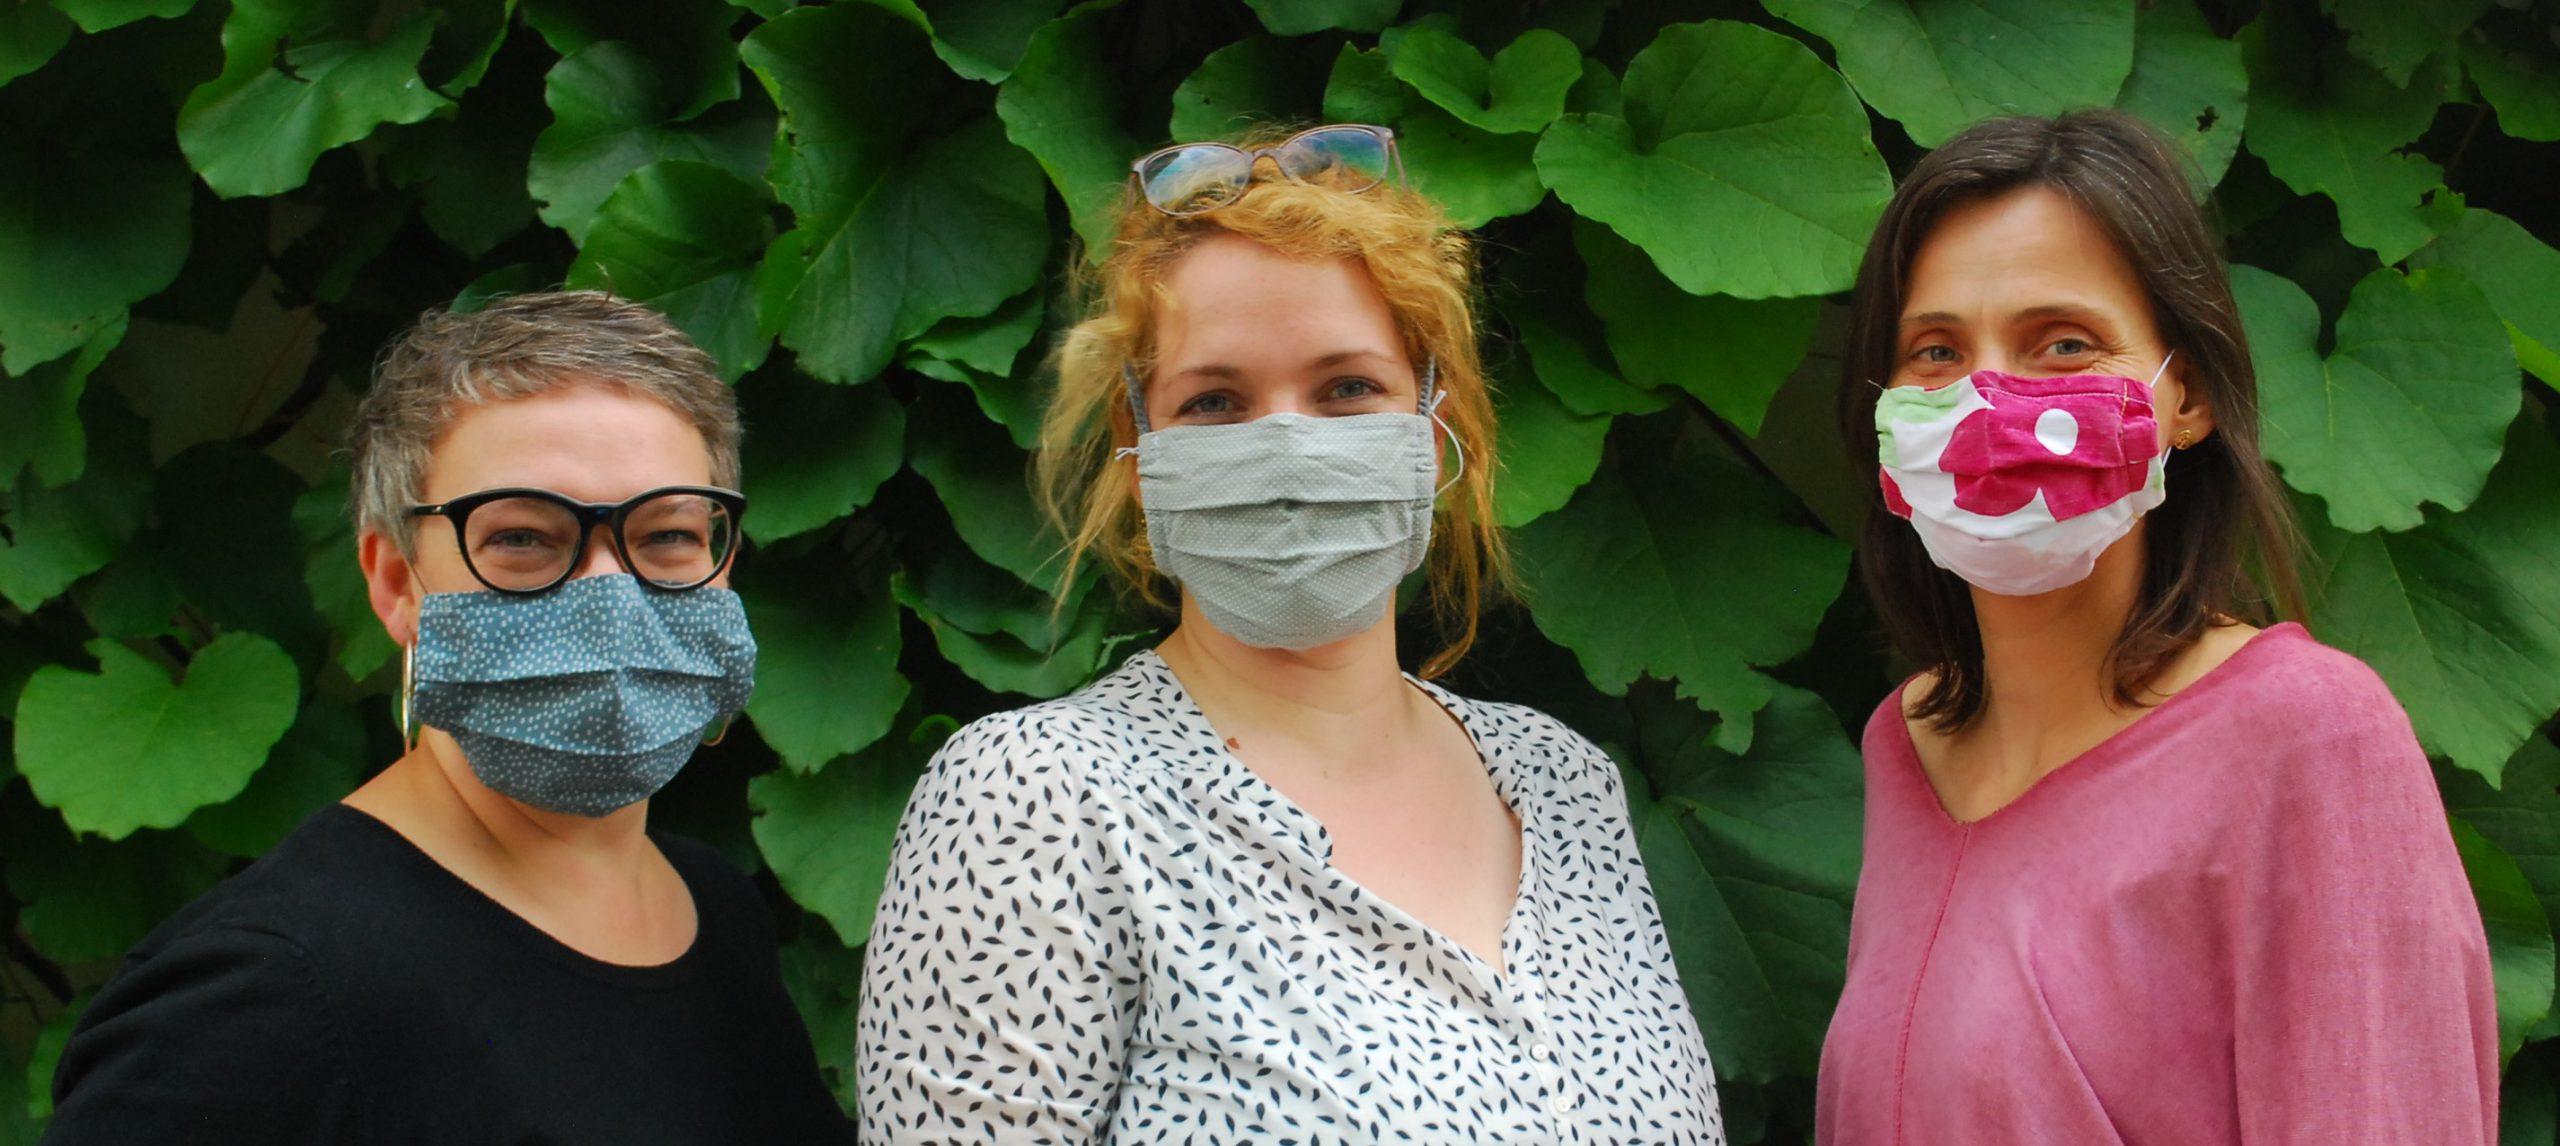 Masken –  und trotzdem gute Laune